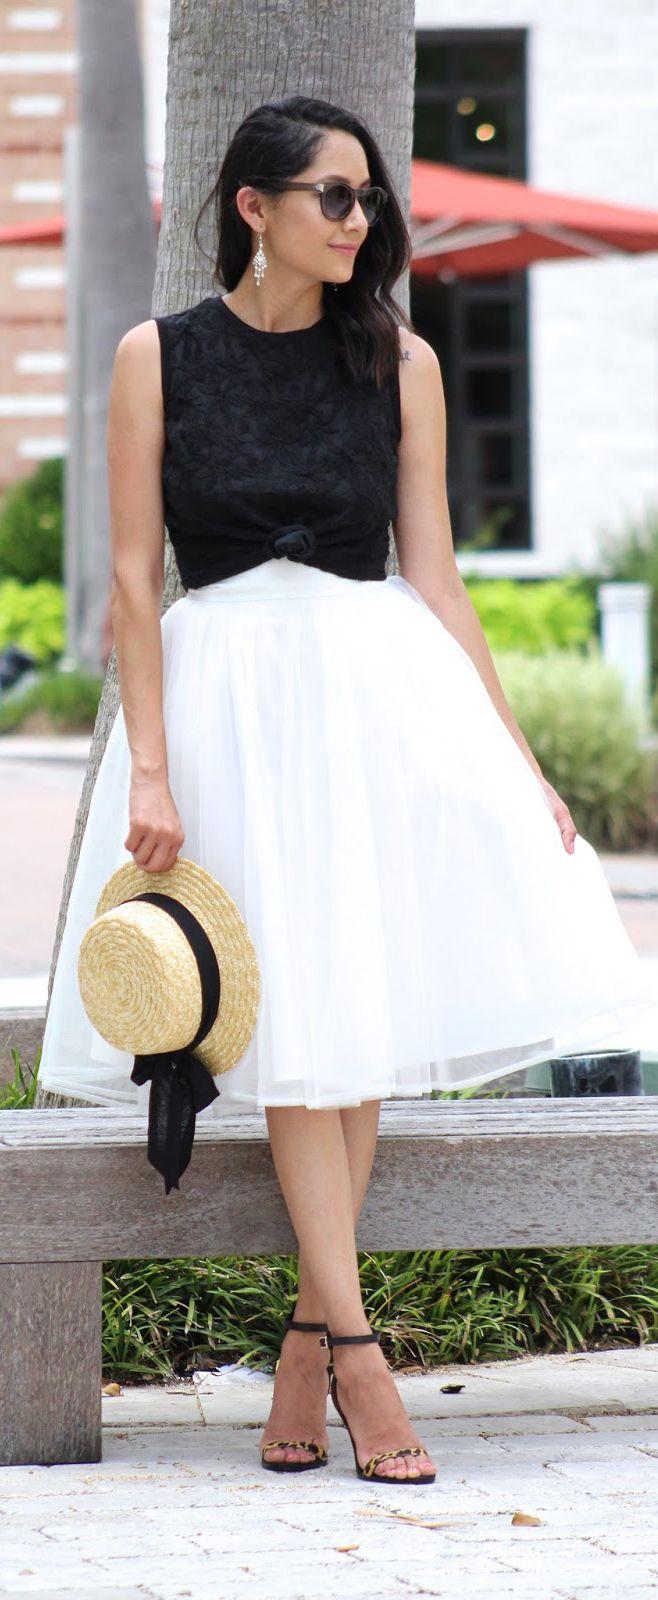 Tulle Skirt Fashion Ideas